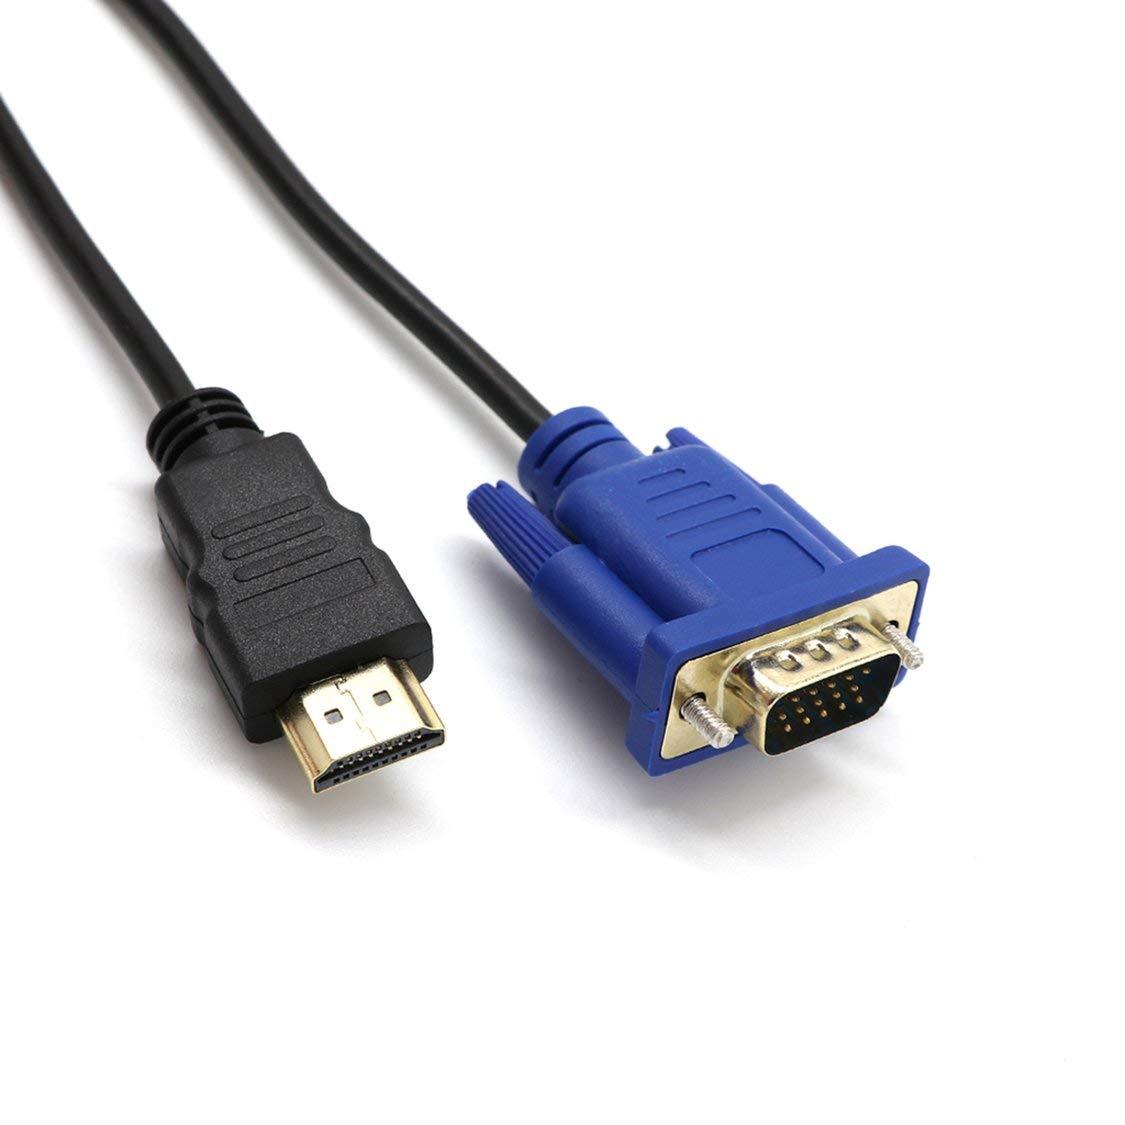 1M HDMI vers VGA m/âle c/âble vid/éo Adaptateur D-SUB pour Moniteur dordinateur HDTV